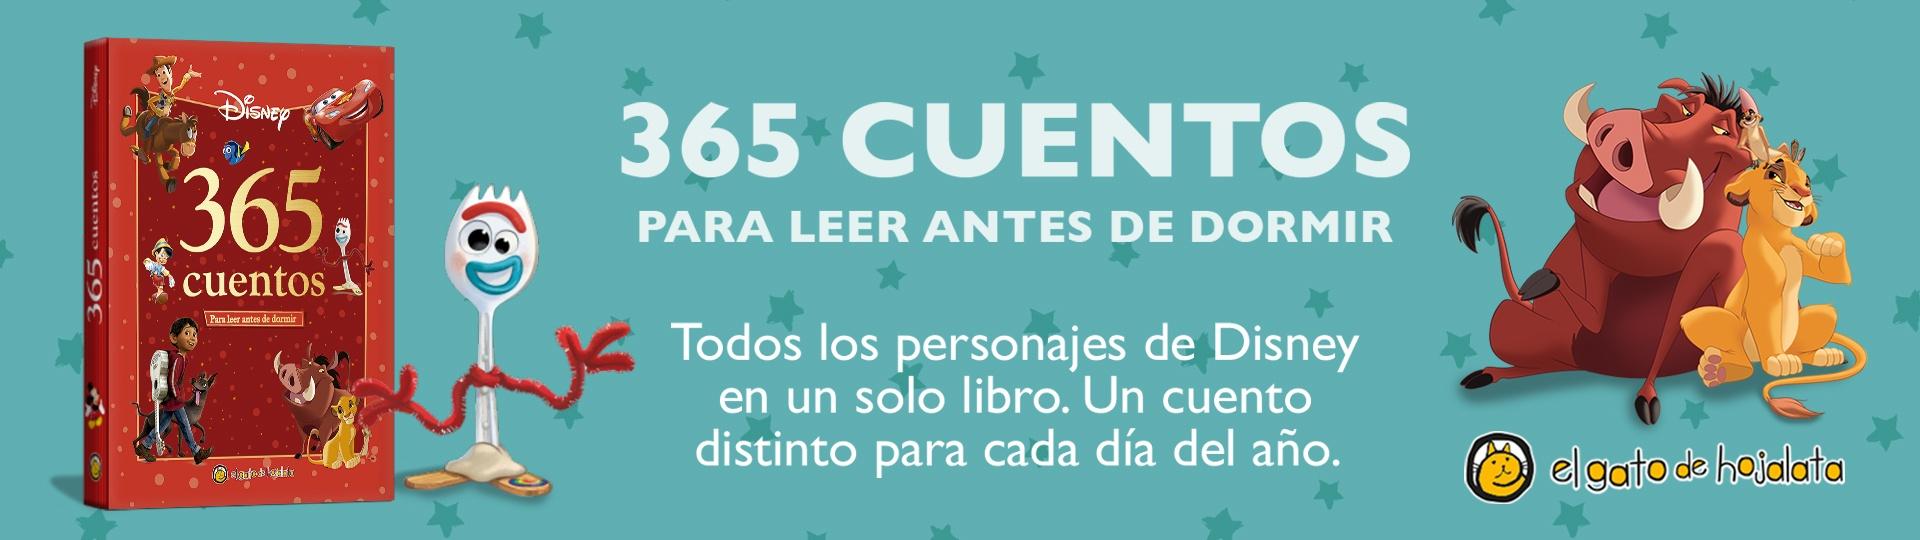 365_CUENTOS_ANTES_DORMIR_WEB_1920X540